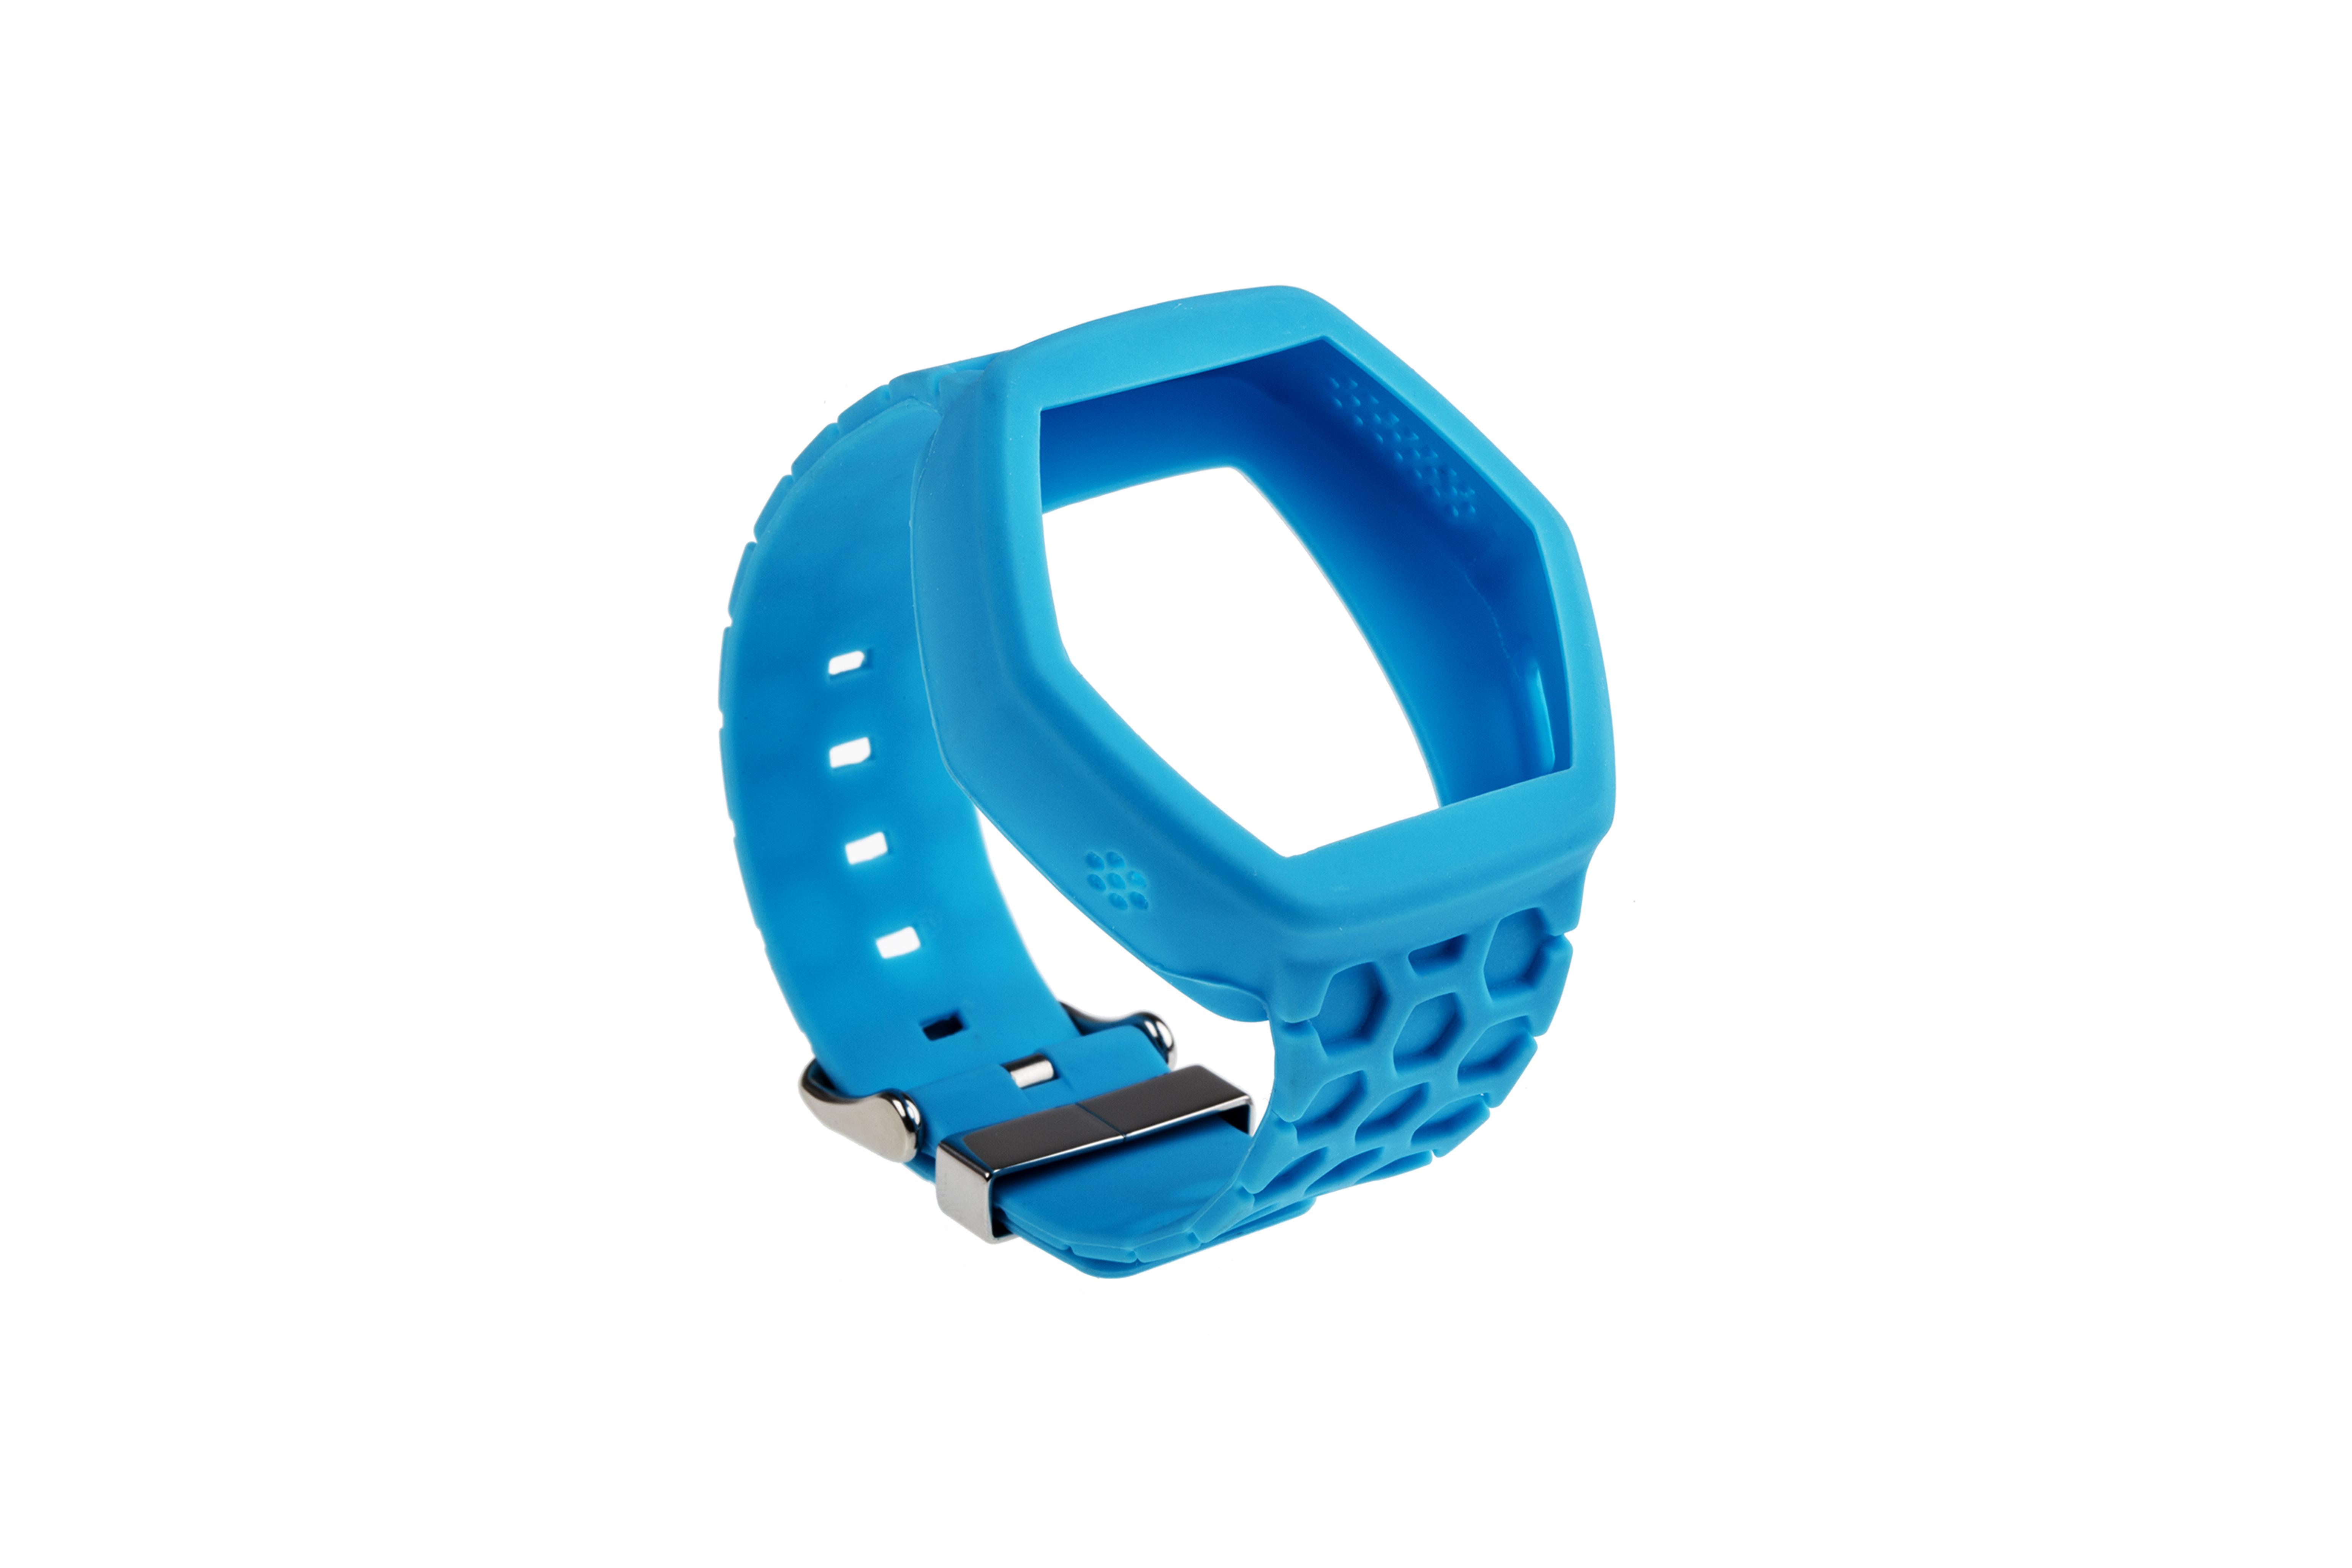 Hexiwear IoT Dev Kit Accessory Pack - Blue